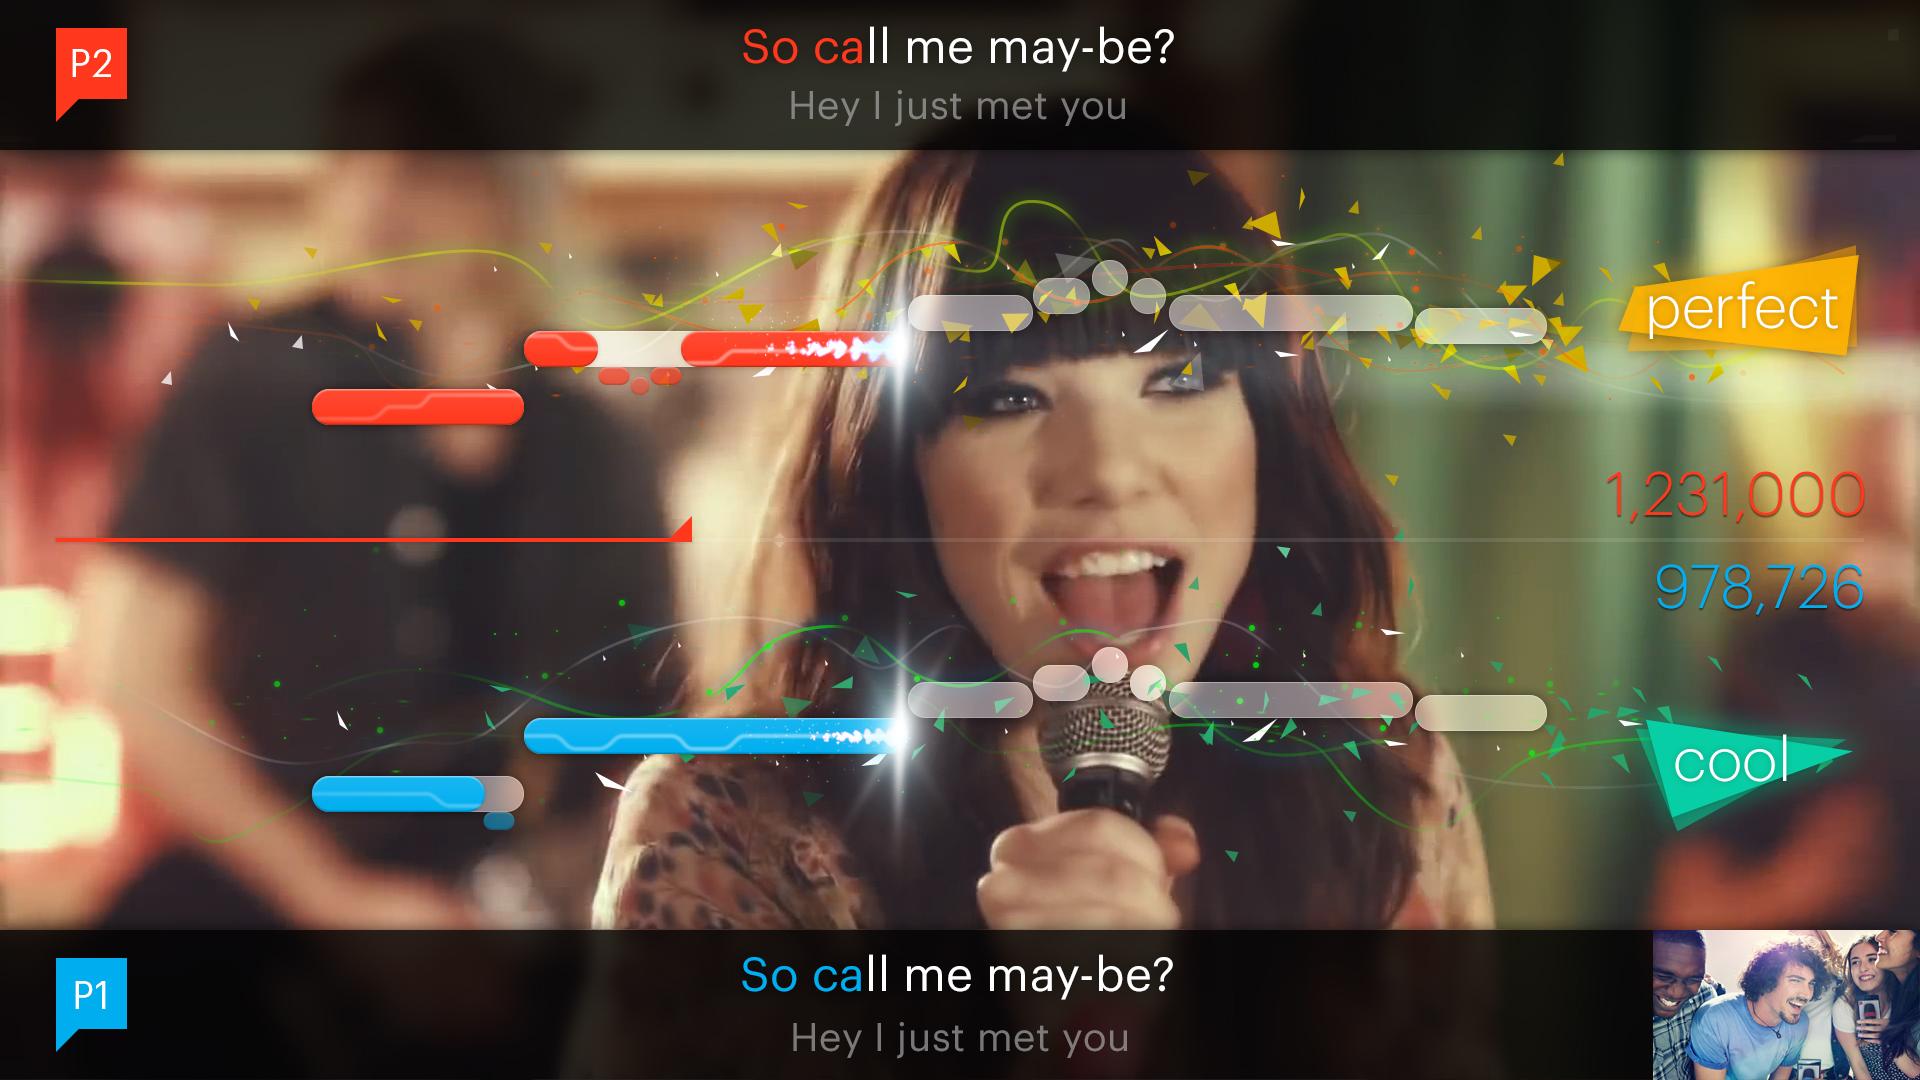 Novo SingStar será lançado para PS4 com o seu celular como microfone